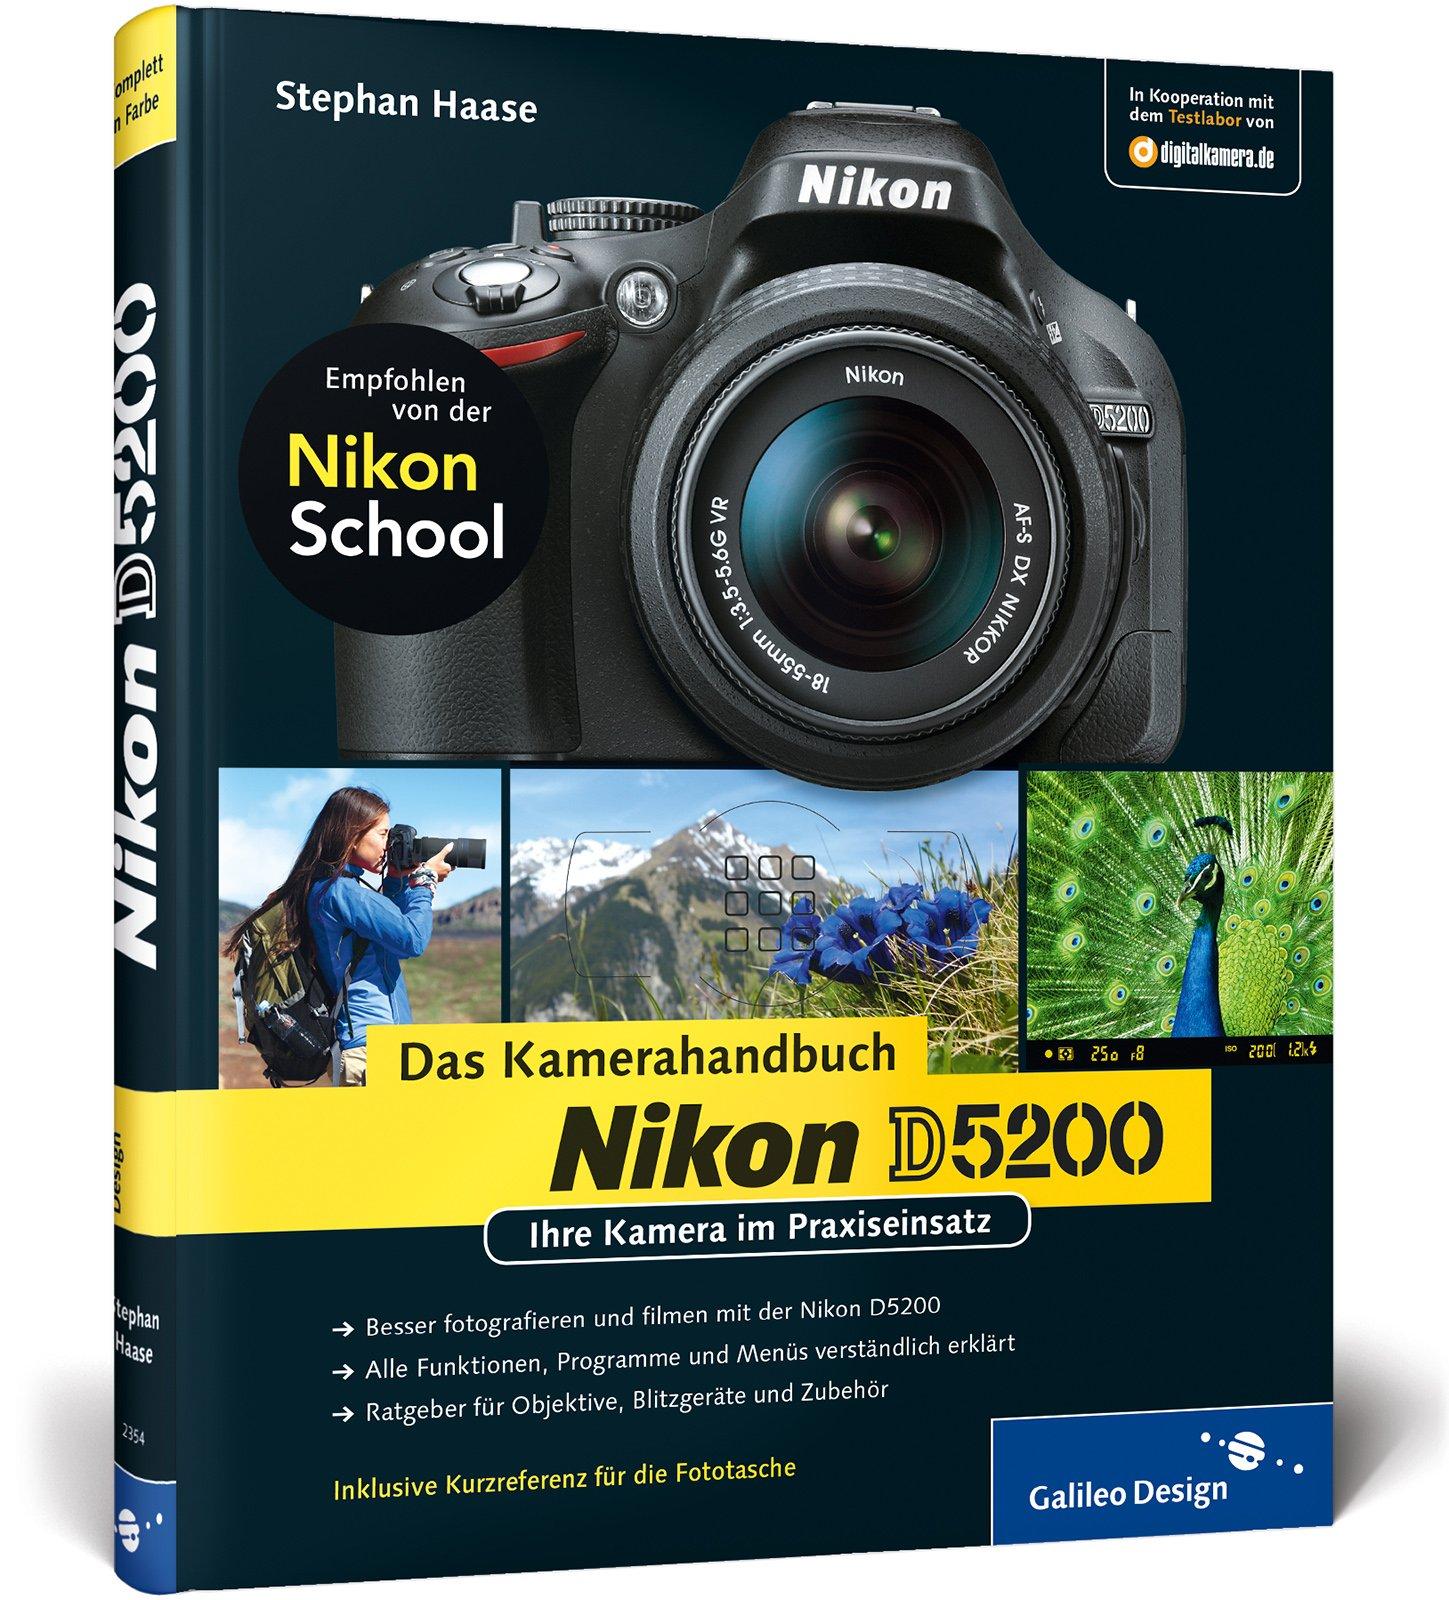 nikon-d5200-das-kamerahandbuch-ihre-kamera-im-praxiseinsatz-galileo-design